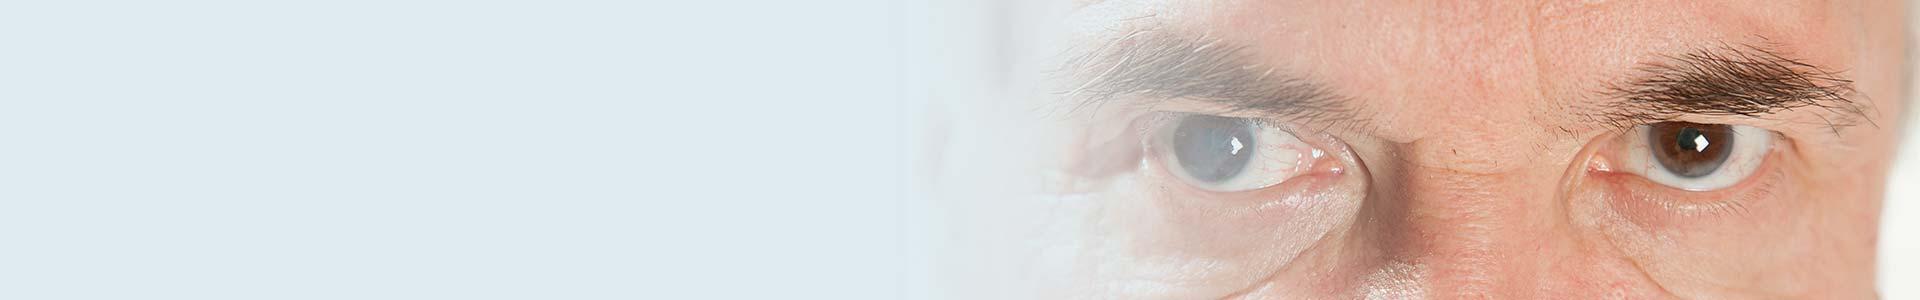 conformador ocular prótesis ojo